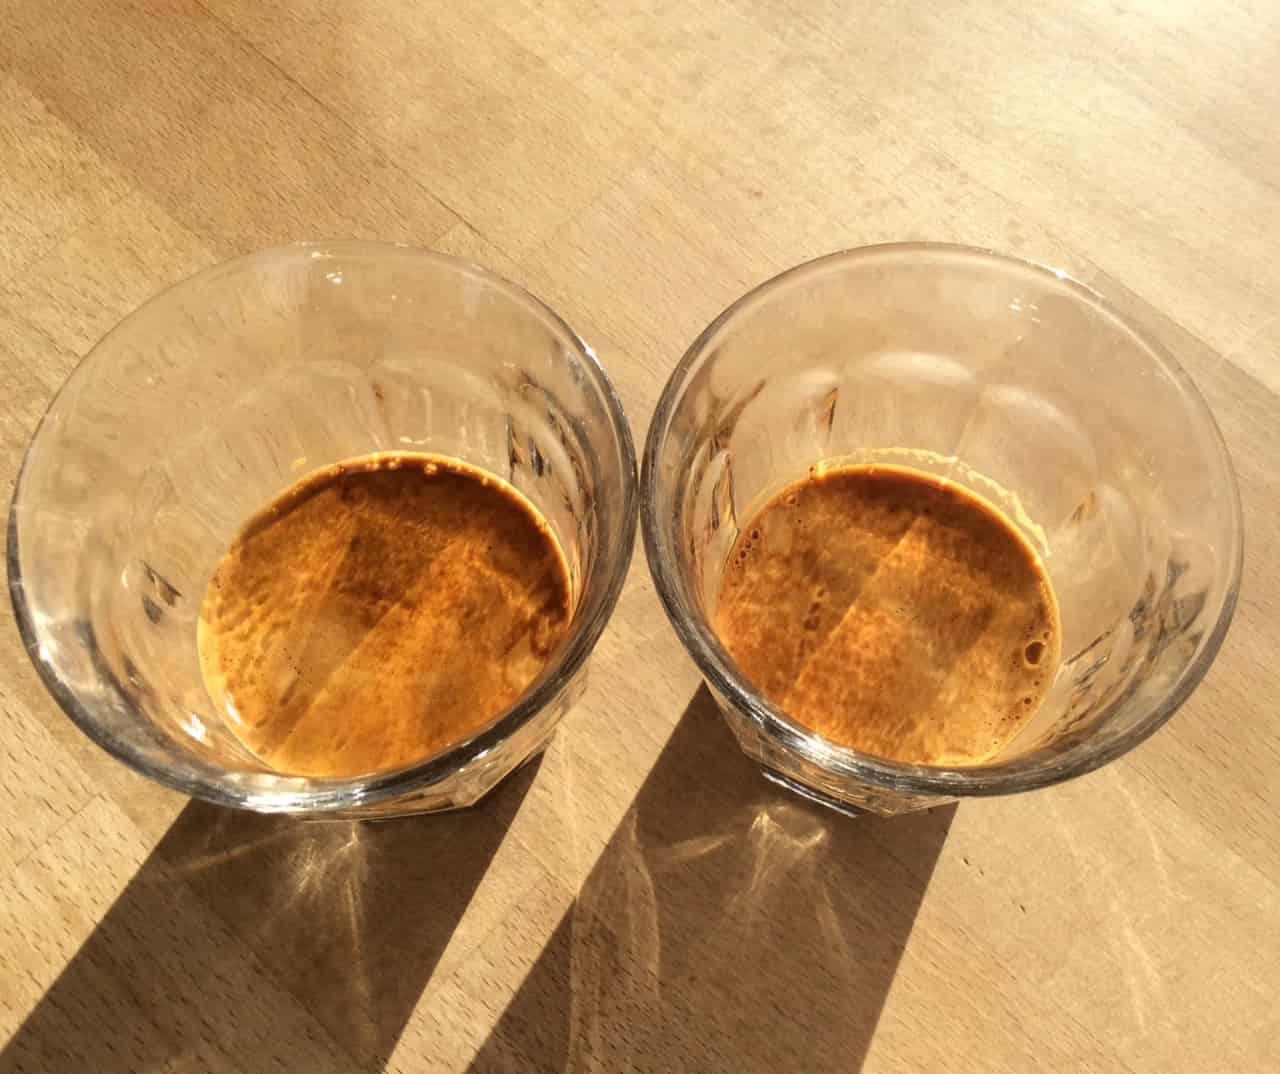 crema de espresso